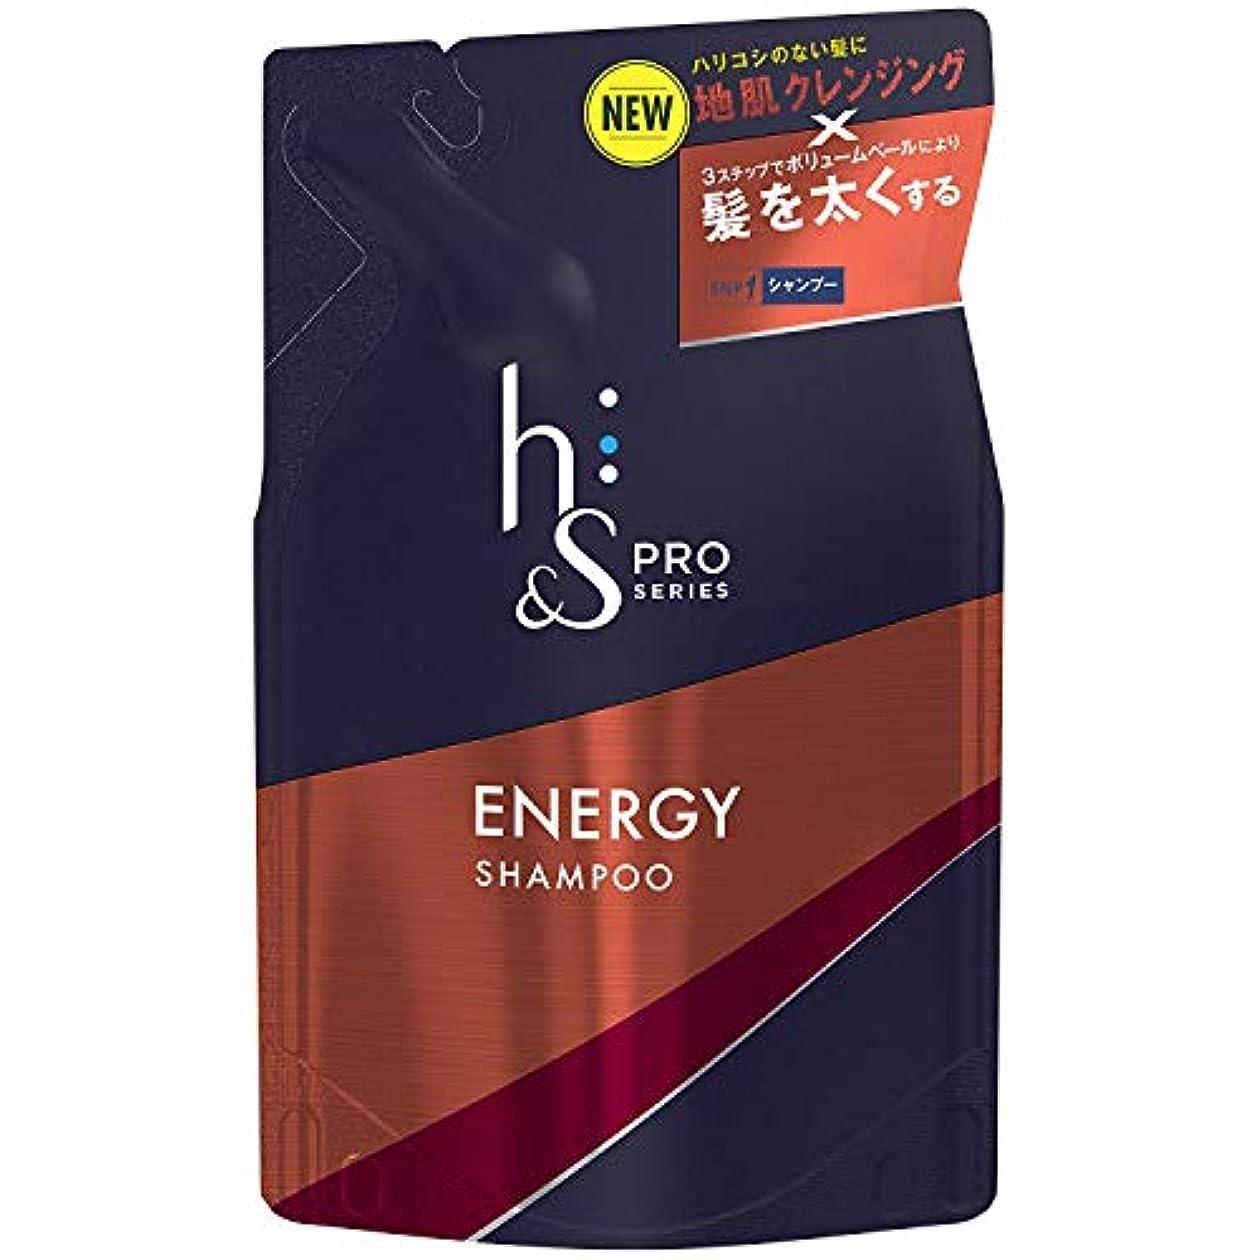 ウィンクハッピープリーツ【3個セット】h&s PRO (エイチアンドエス プロ) メンズ シャンプー エナジー 詰め替え (ボリューム重視) 300mL